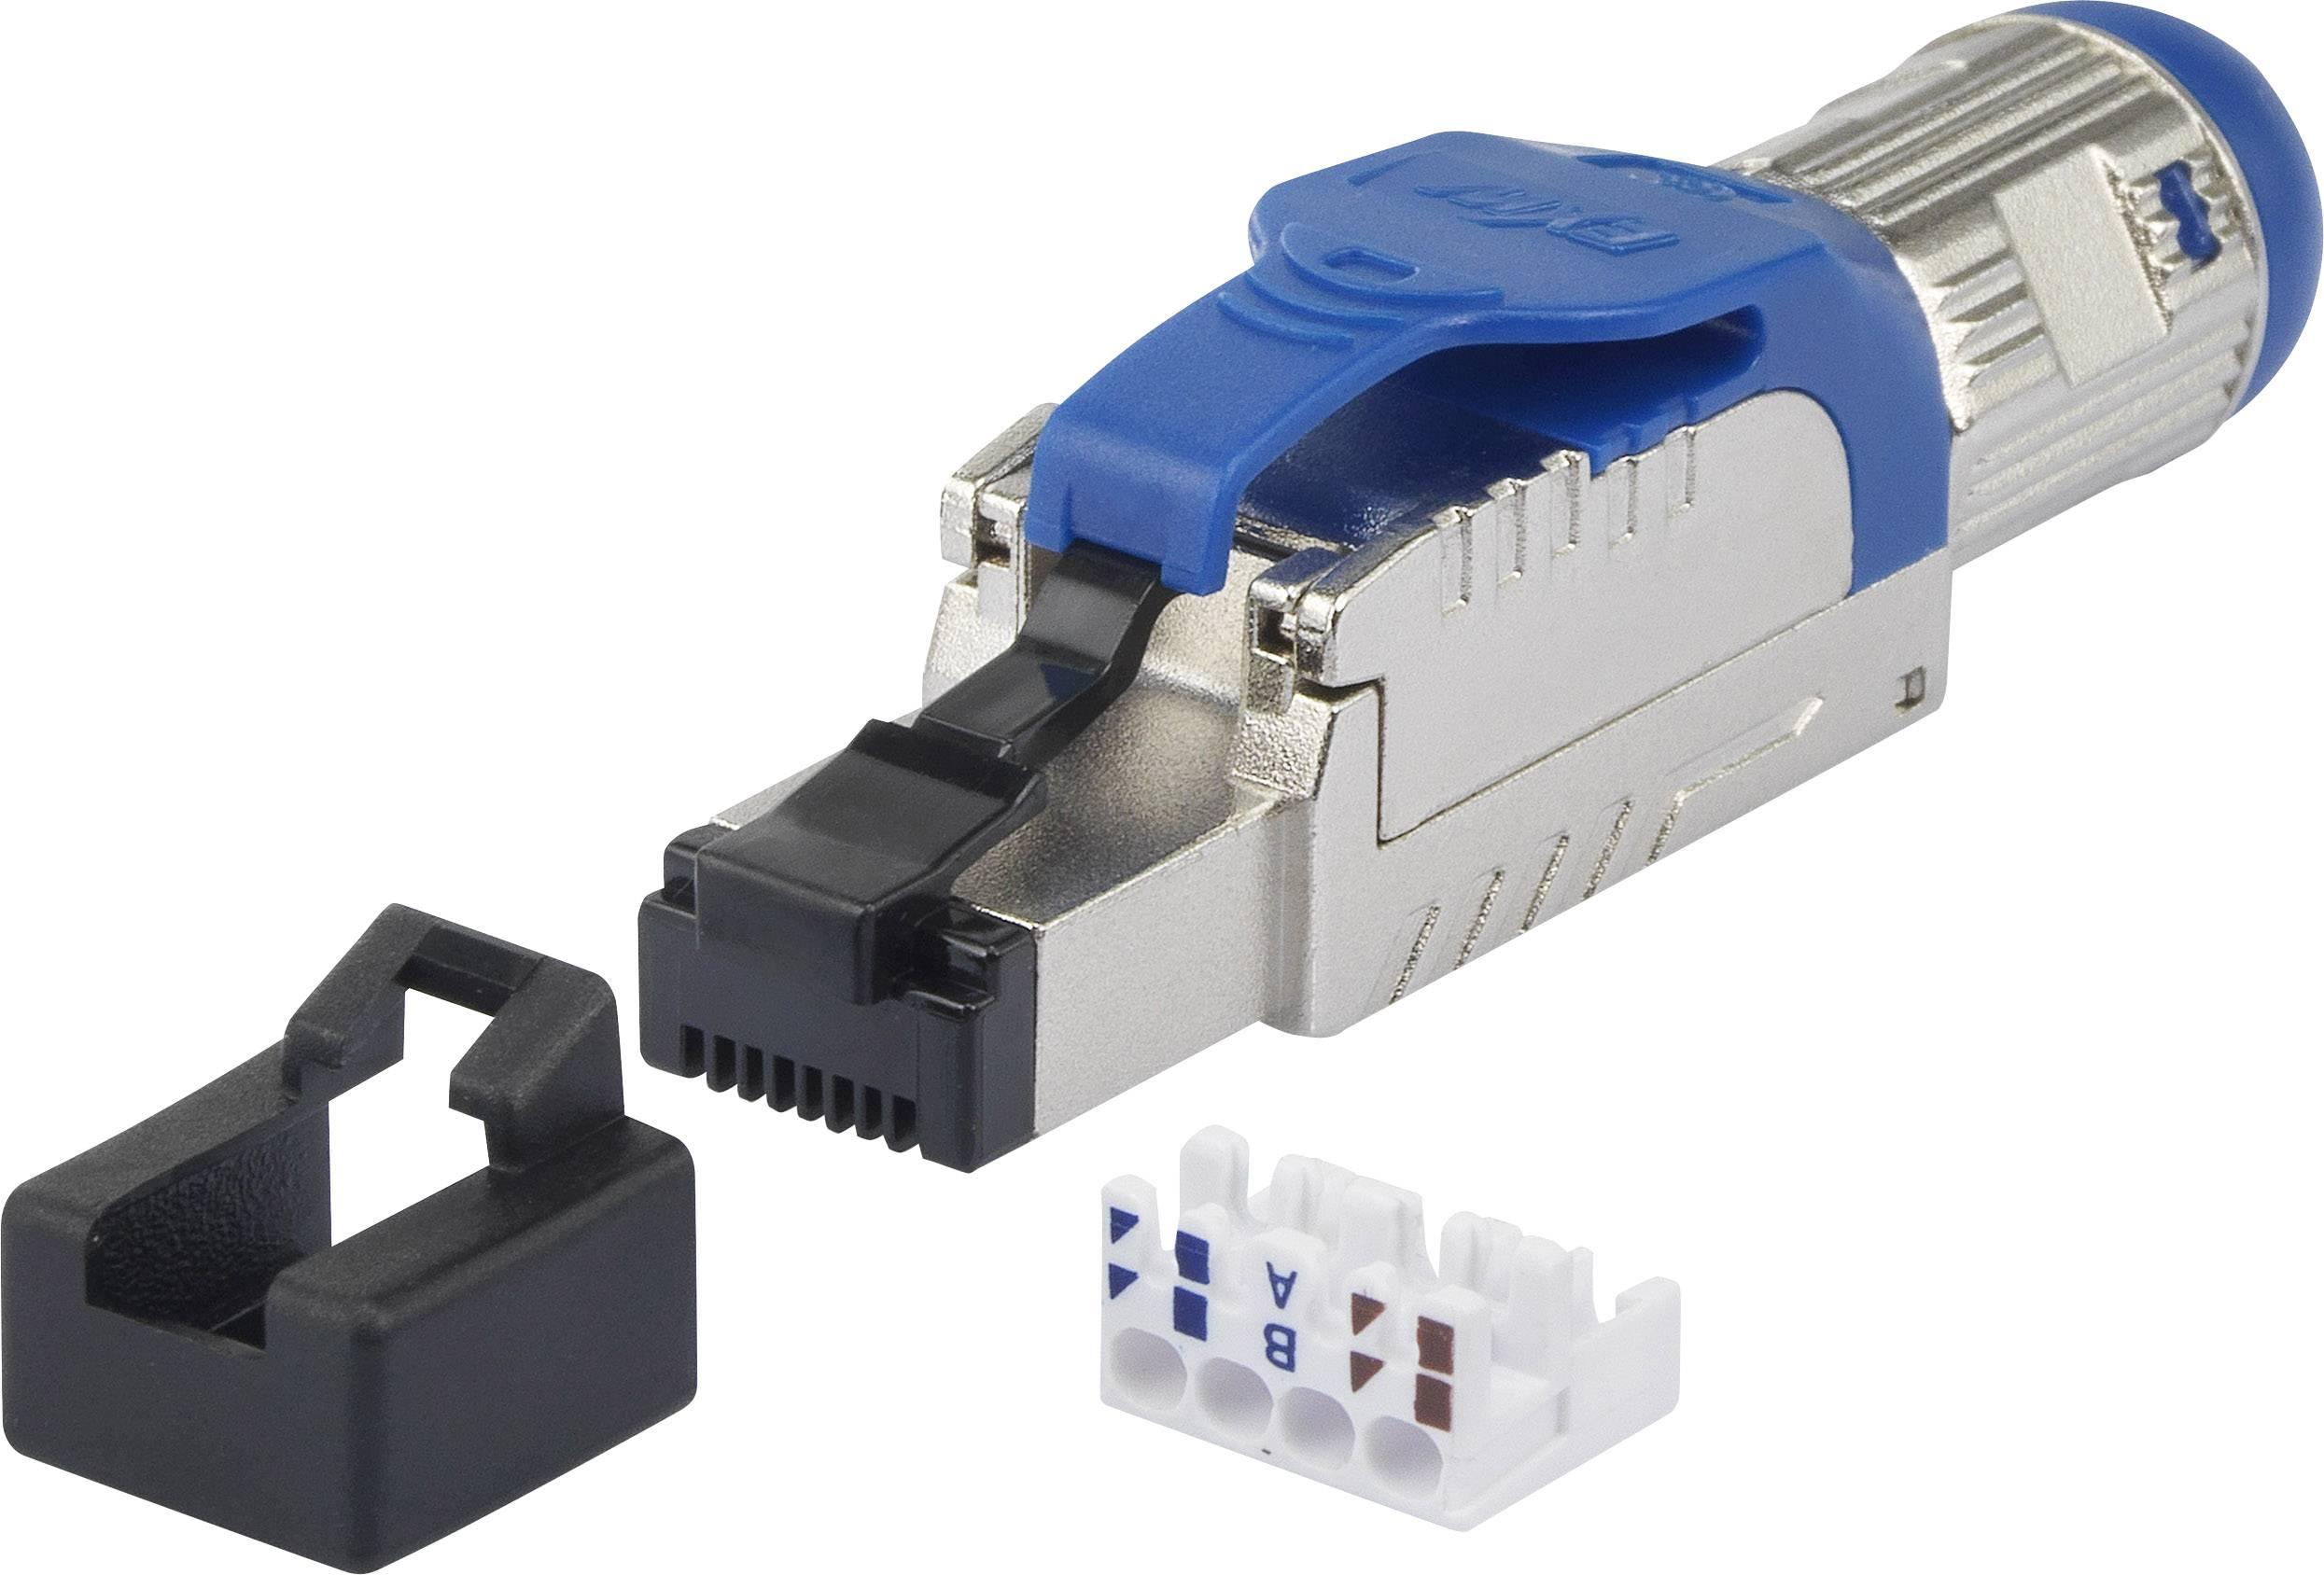 5,84 connecteurs r/éseau compatible pour Xiaomi Redmi 6 Pro//MI A2 Lite C/âble de rechange pour r/éception de signal dantenne Wi-Fi coaxial